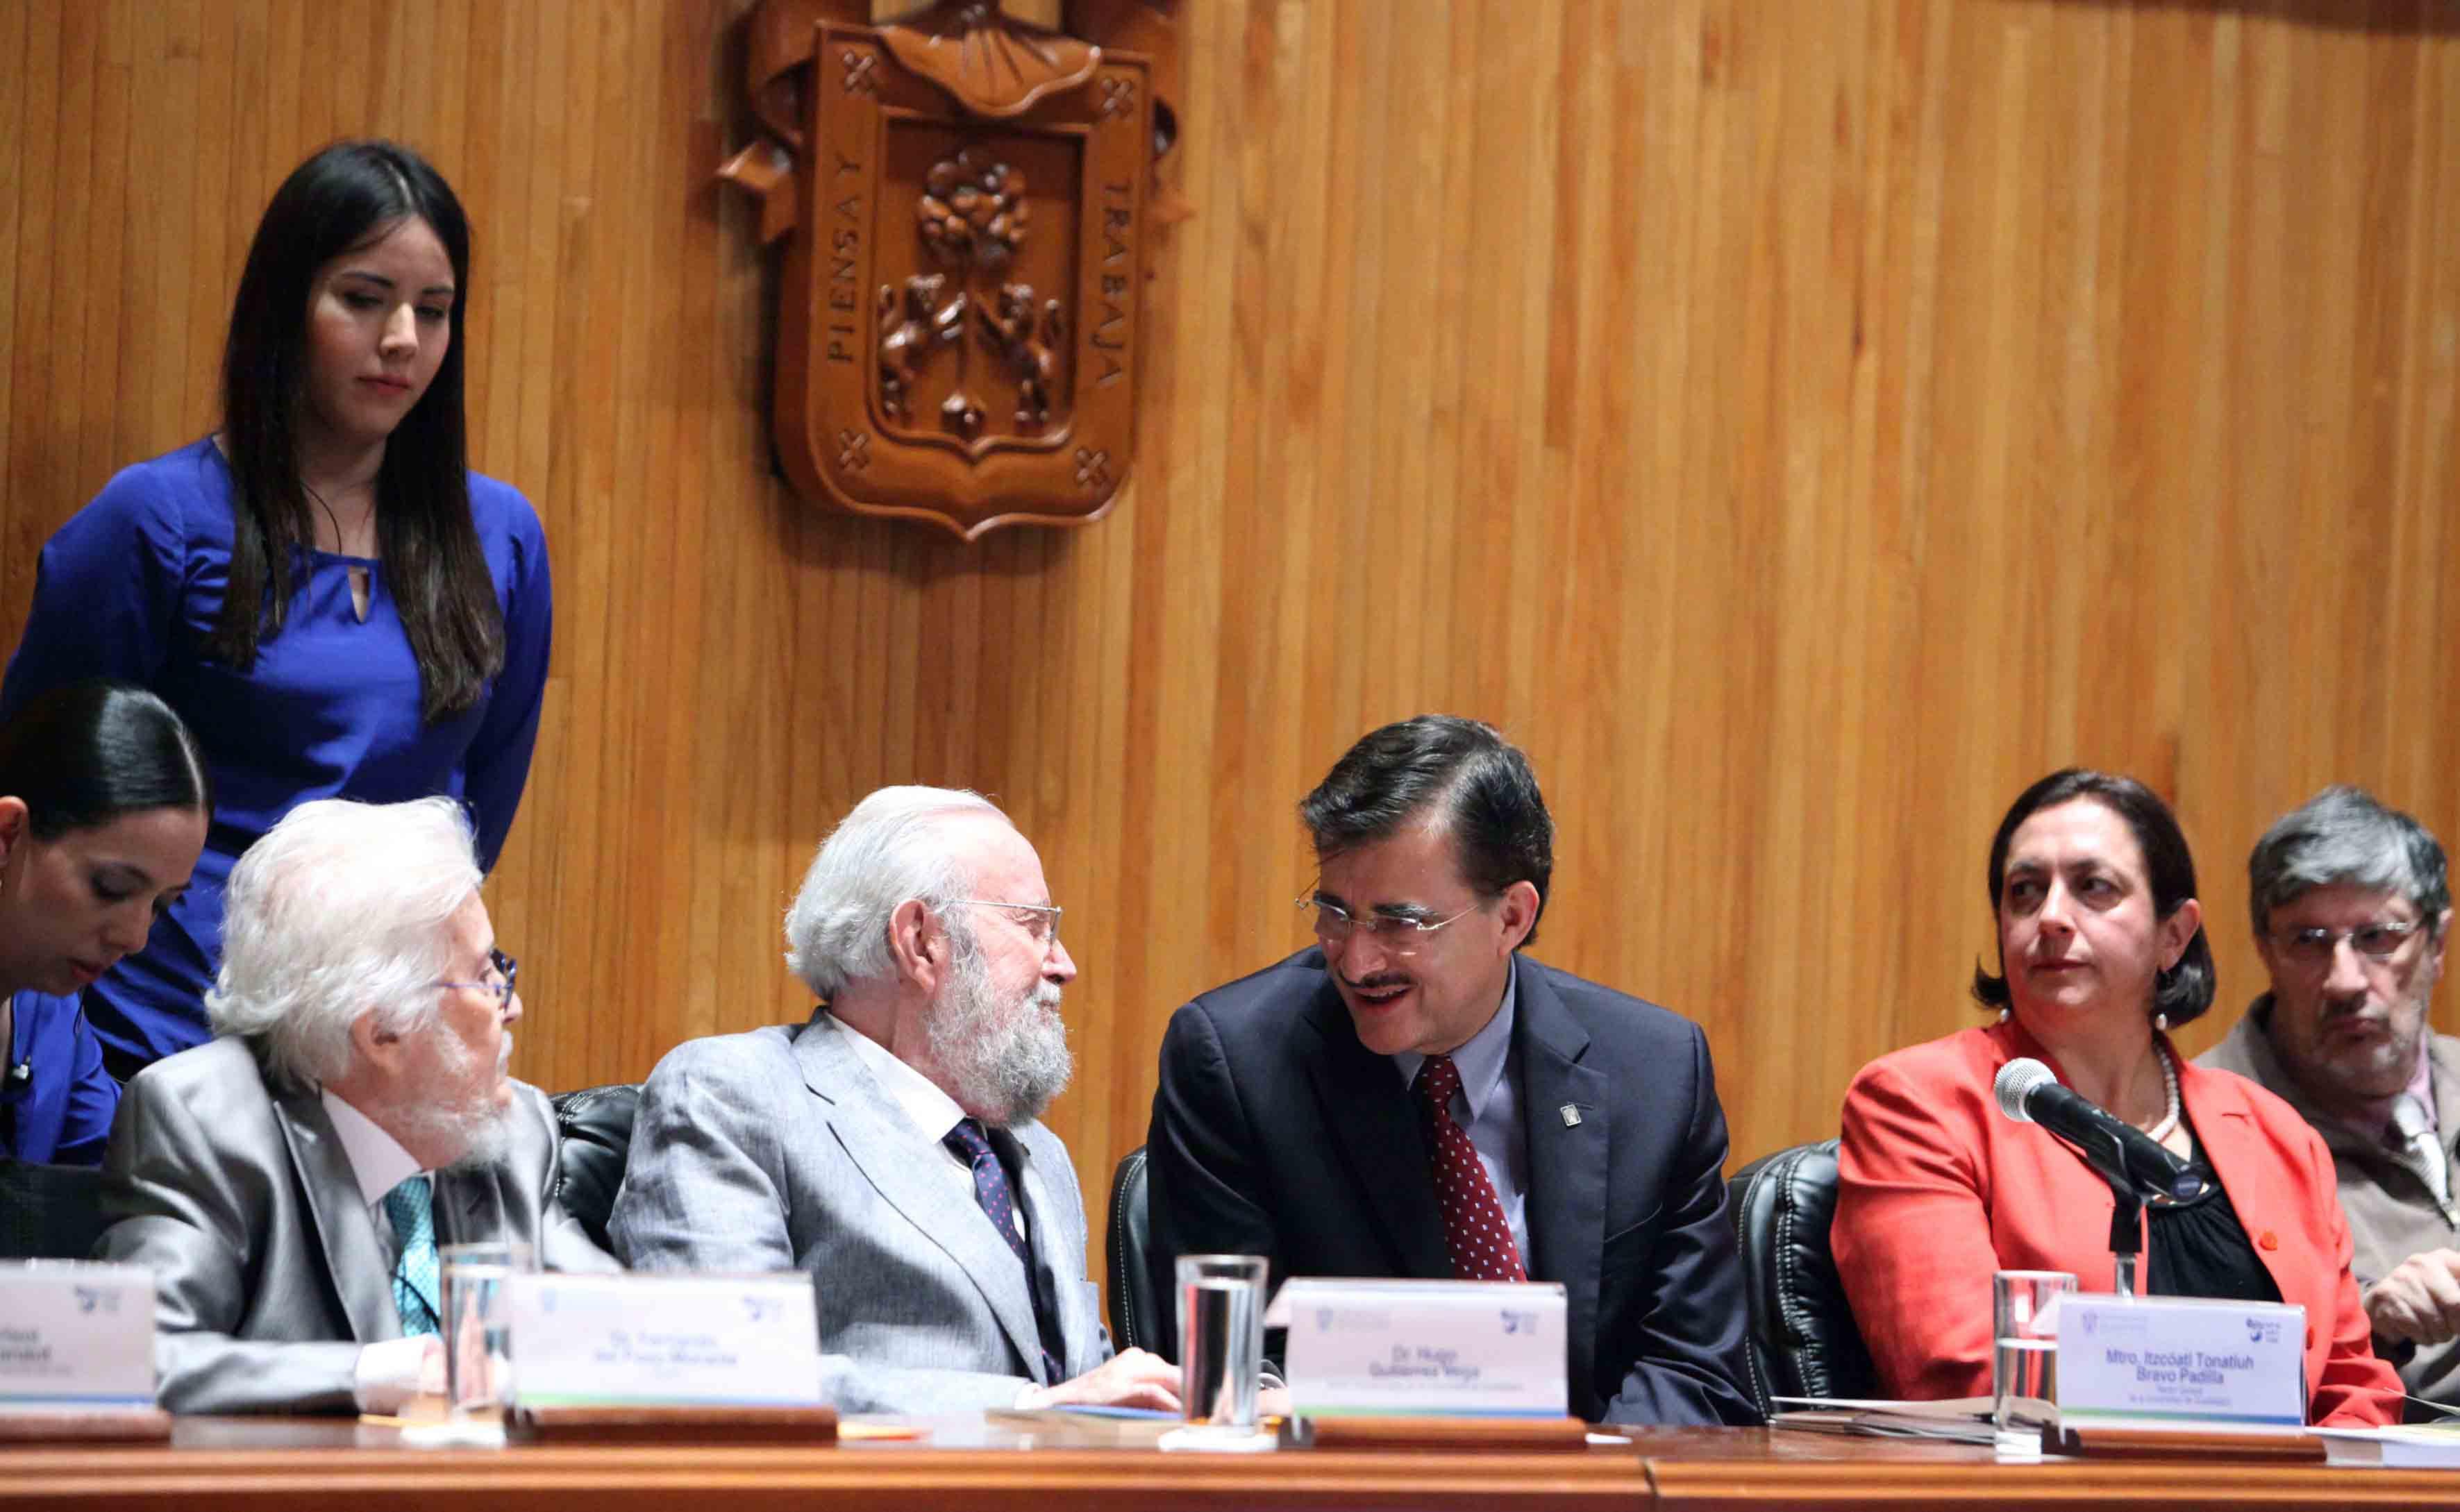 Conversaciones en el Paraninfo Enrique Díaz de León, entre el maestro Itzcóatl Tonatiuh Bravo Padilla, Rector General de la UdeG, y el Dr. Hugo Gutiérrez Vega.